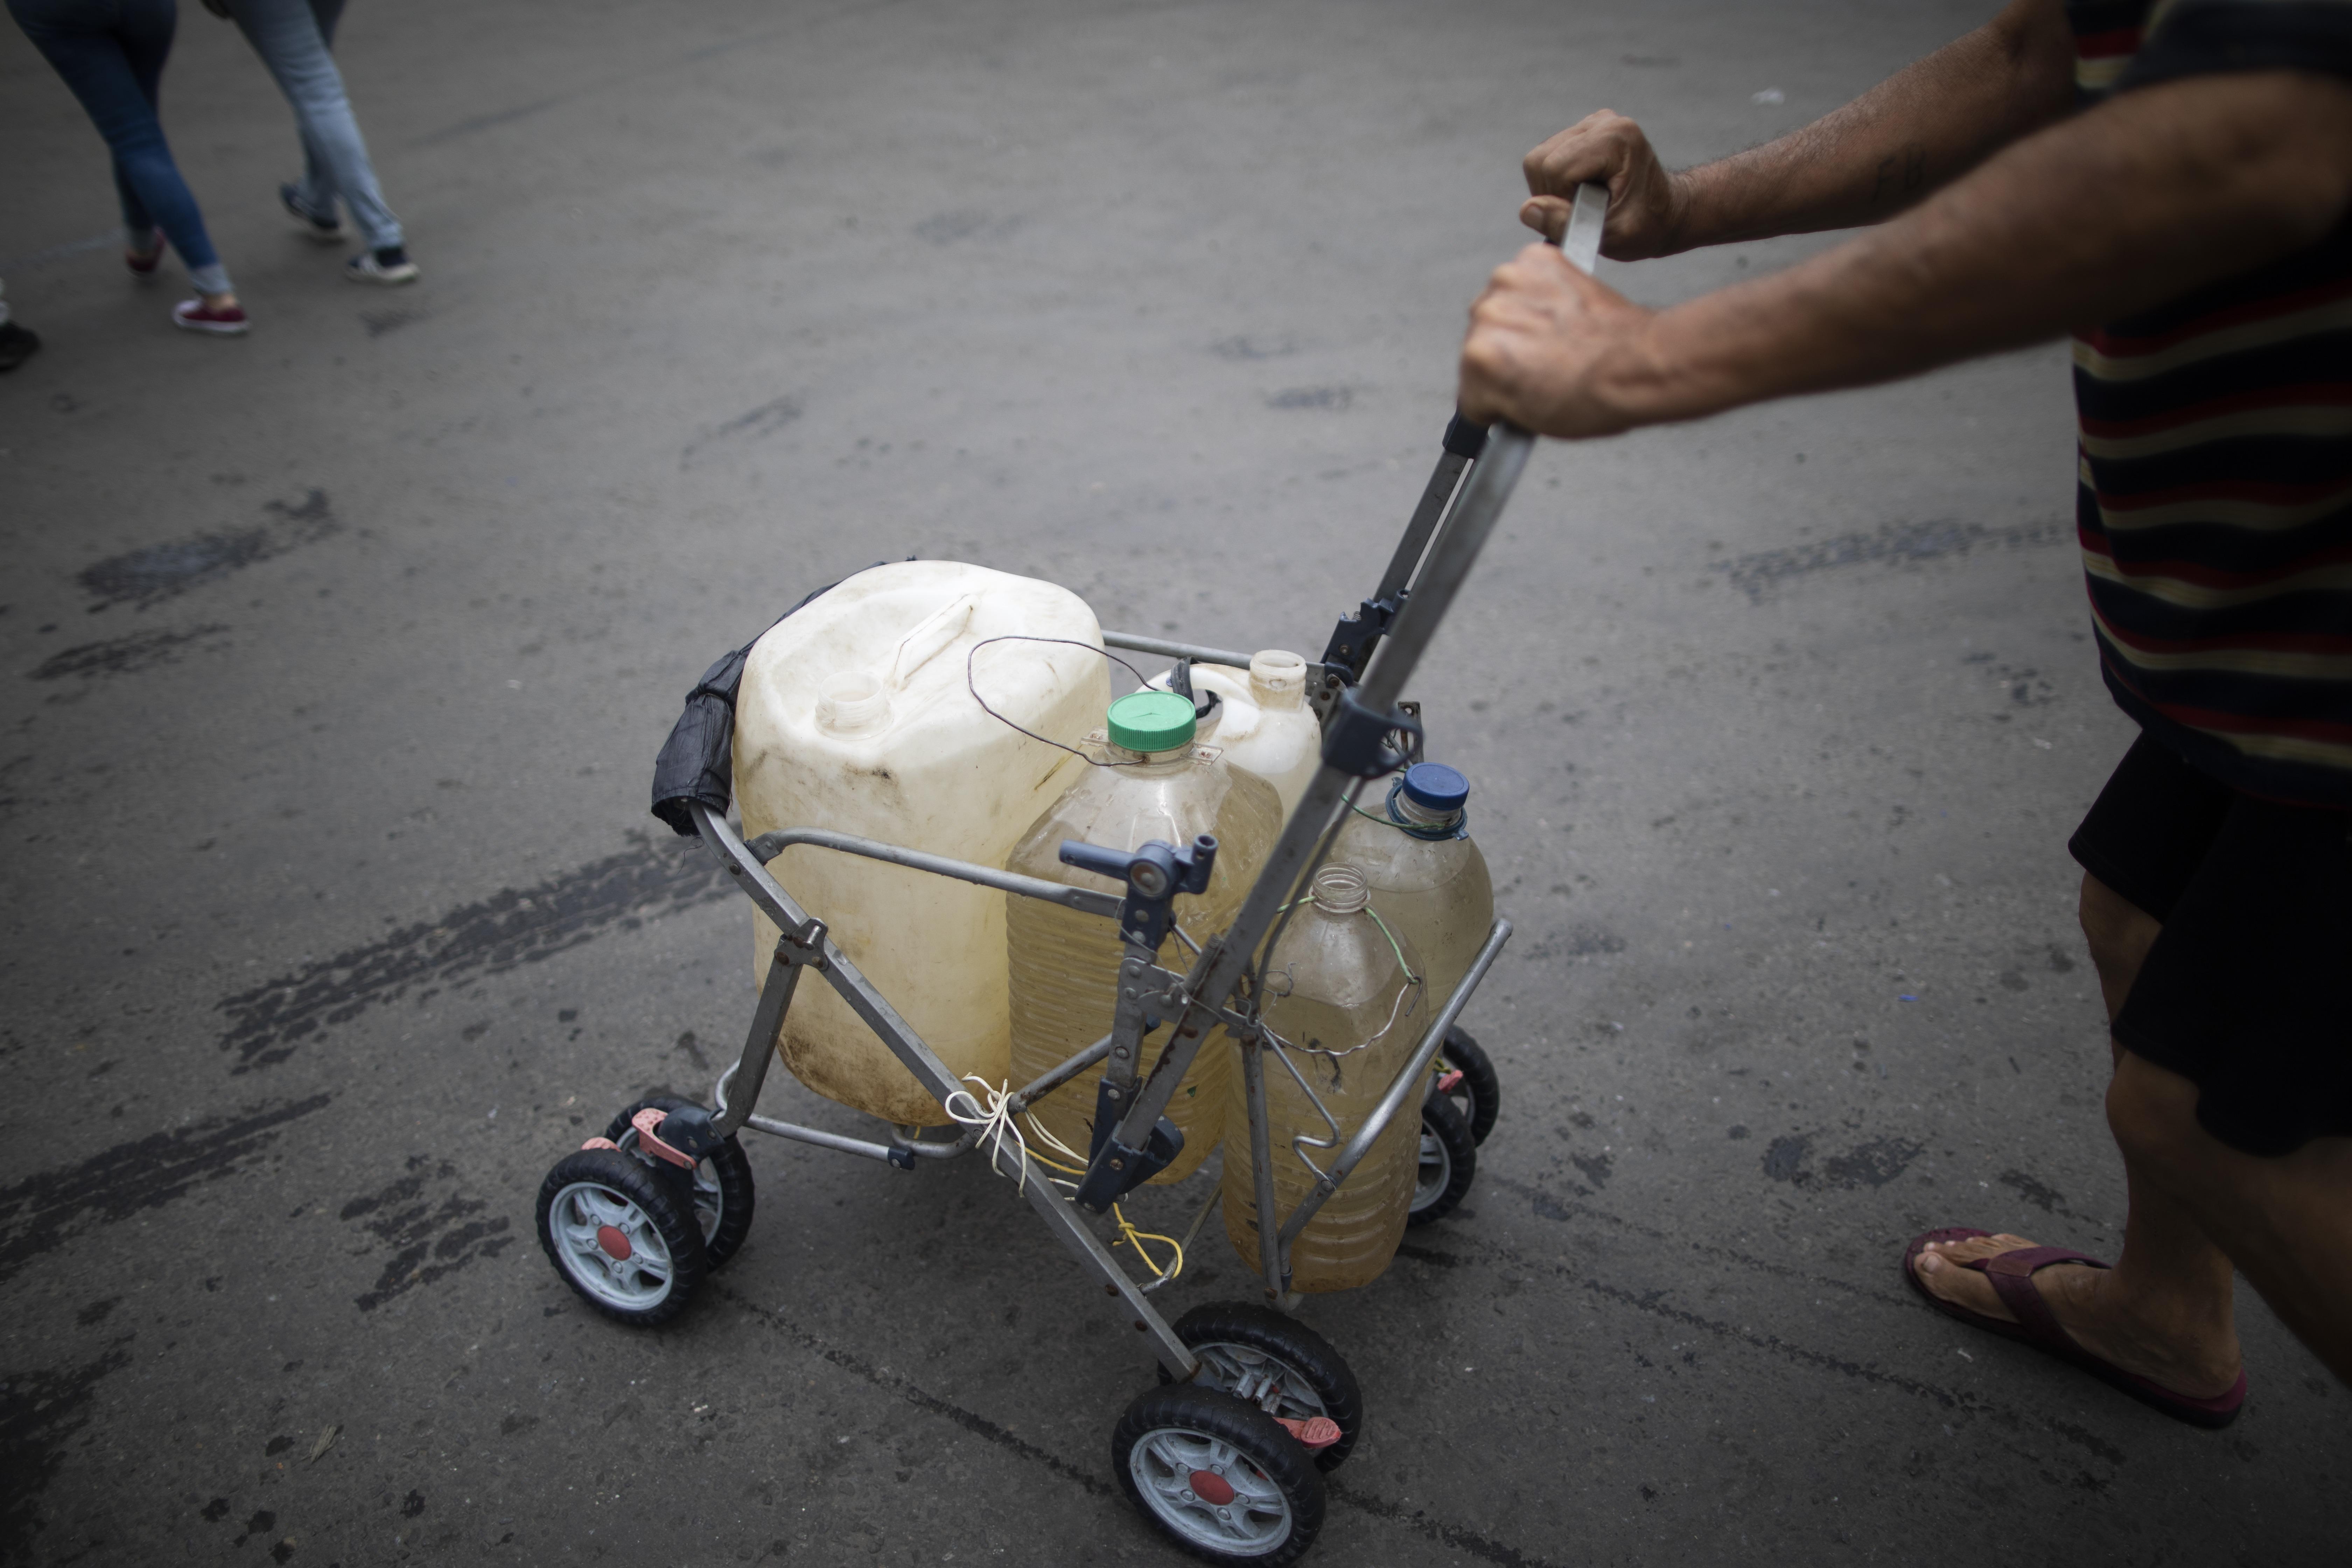 Un hombre empuja el armazón de un carrito de bebé con recipientes que llenó de agua en un grifo callejero, en Caracas, Venezuela, el 20 de junio de 2020. El suministro de agua en Venezuela es tan precario que en vecindarios pobres empiezan a gestionar canalizaciones privadas o a excavar pozos poco profundos. (AP Foto/Ariana Cubillos)